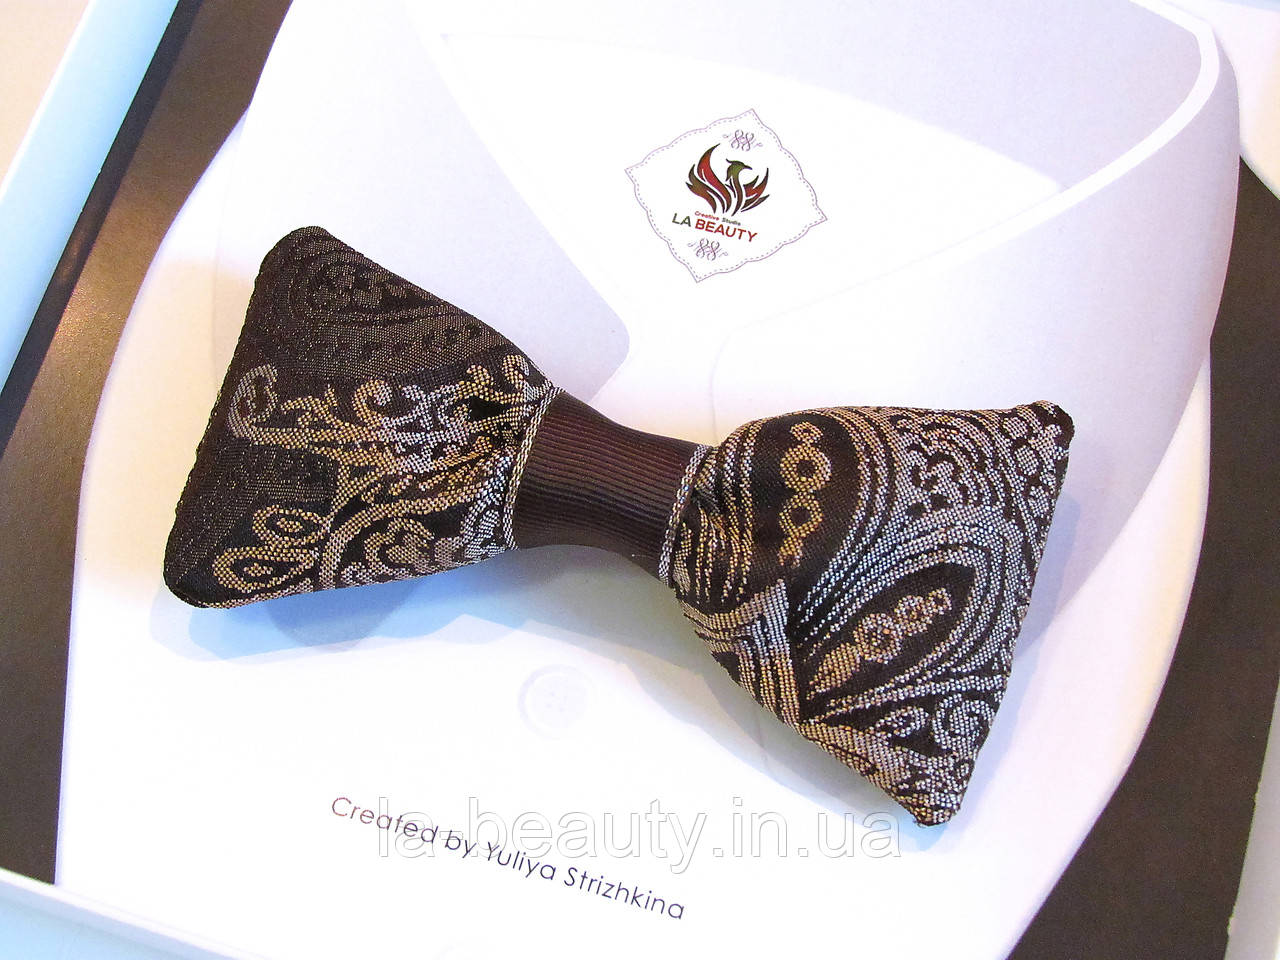 Дизайнерский галстук - бабочка для мужчины, женщины, мальчика кофейный с золотом эксклюзив - 2